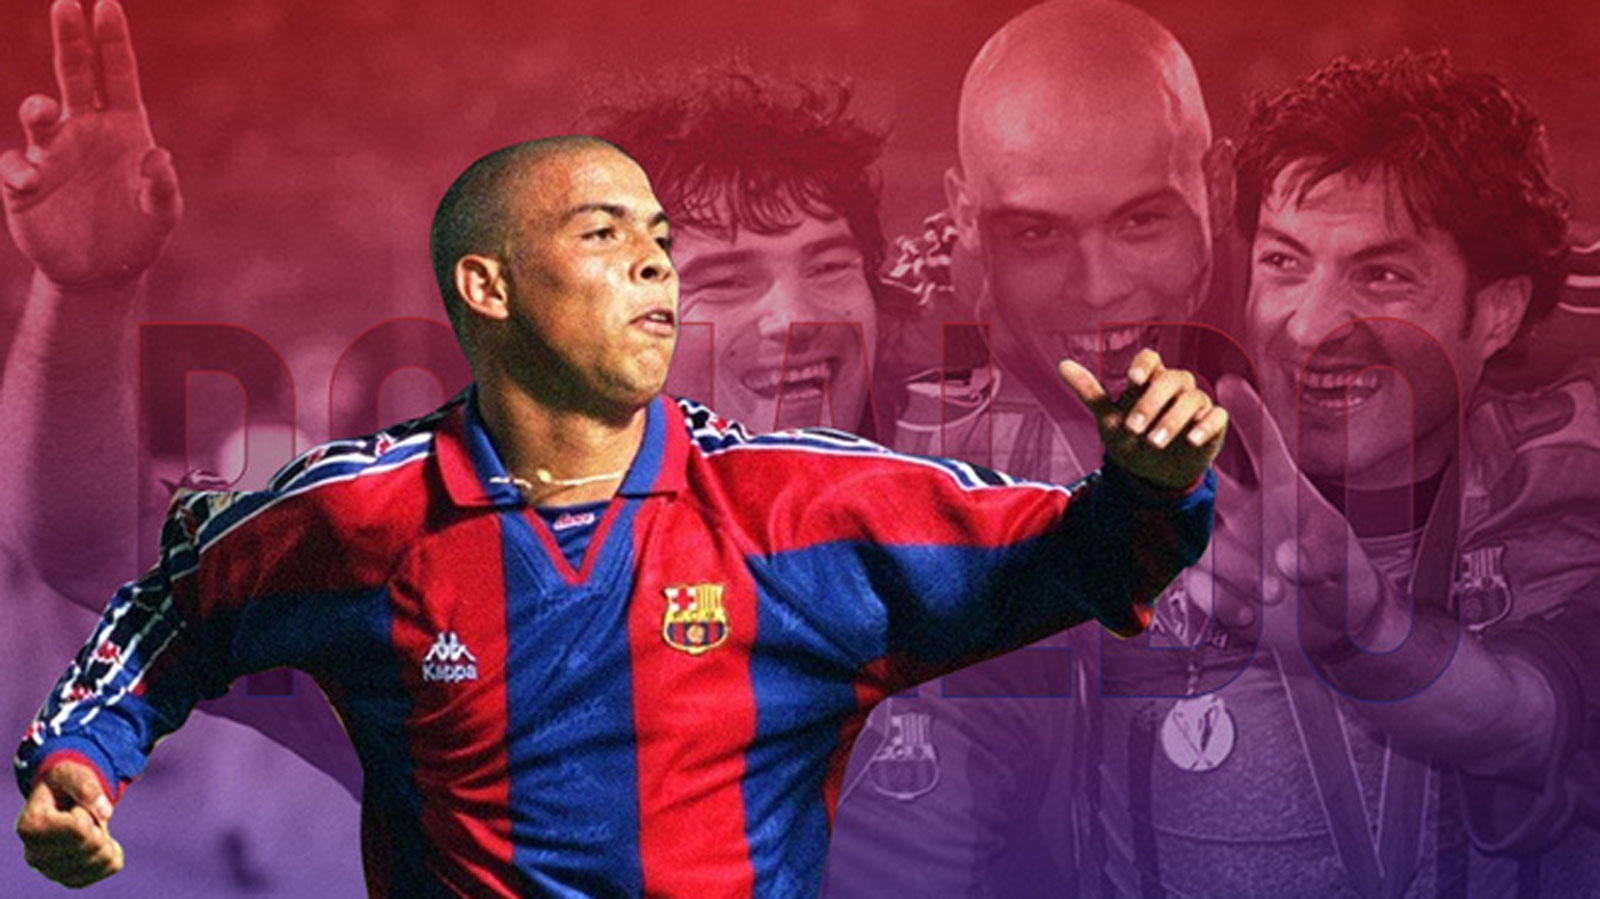 Huyền thoại Ronaldo béo: Nếu không chấn thương sẽ vĩ đại đến nhường nào? - 5